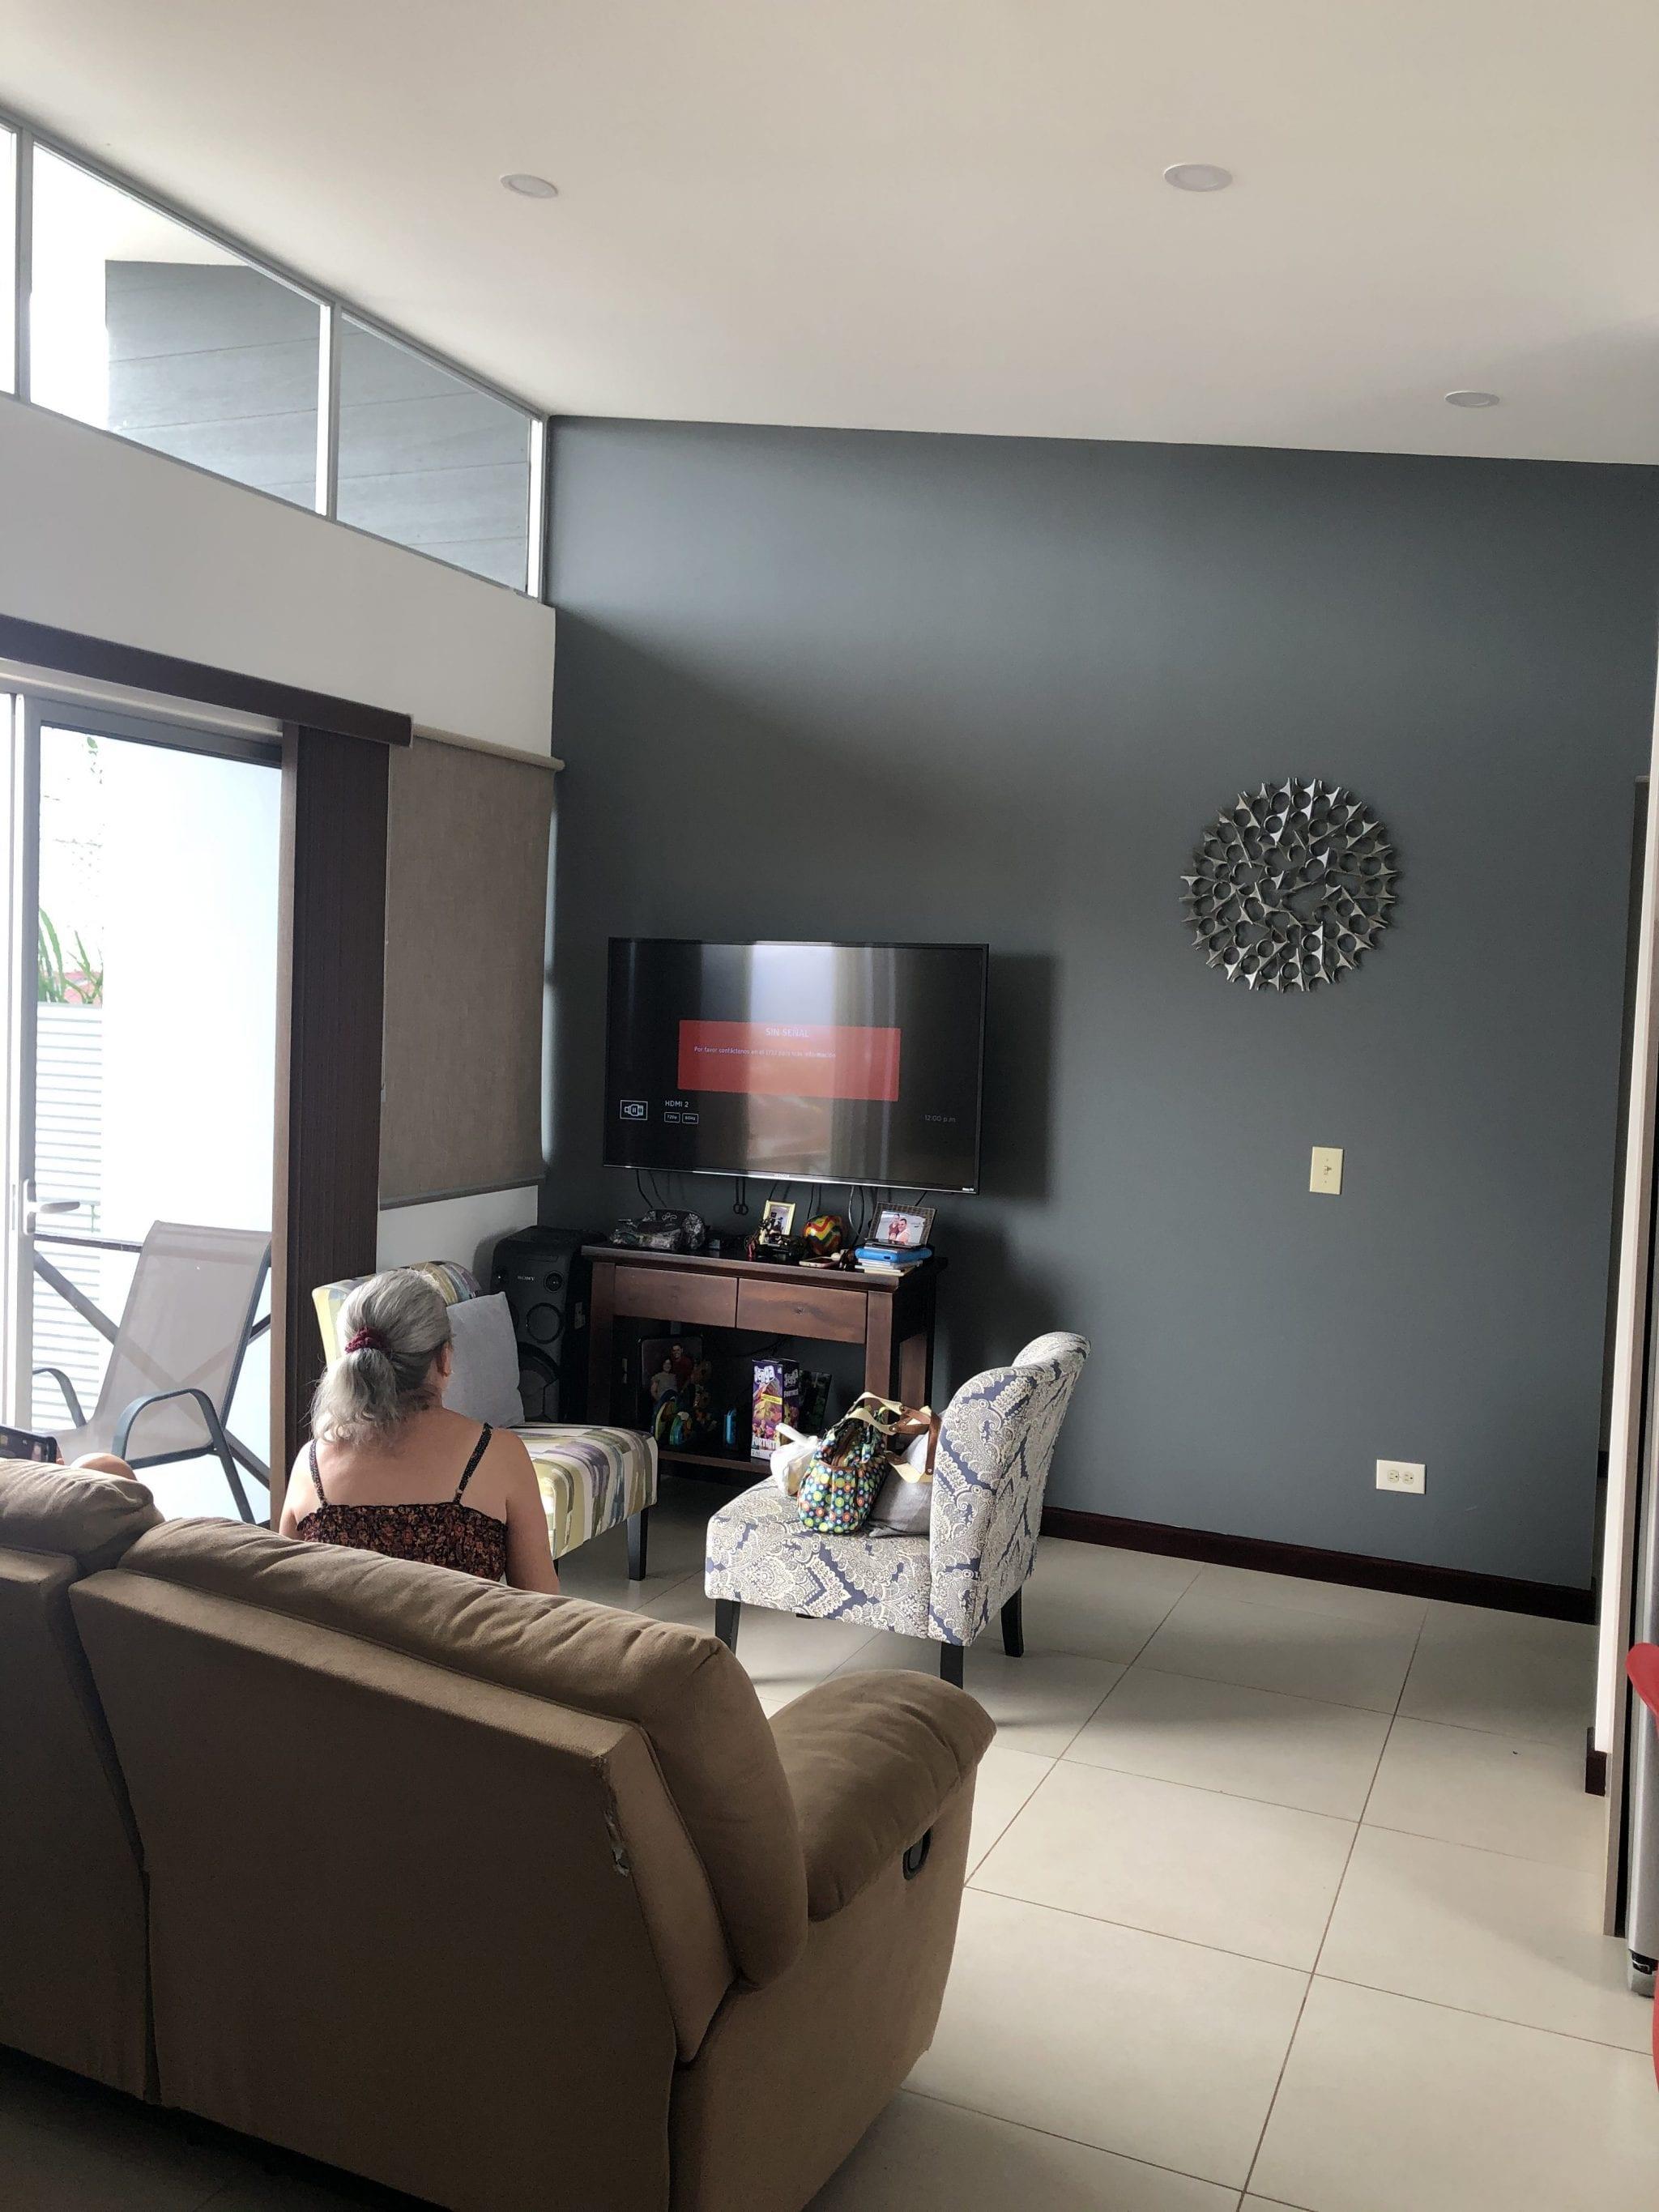 Casa en Mercedes Norte, lindo y tranquilo residencial, calle sin salida, dos plantas, MAS un apartamento